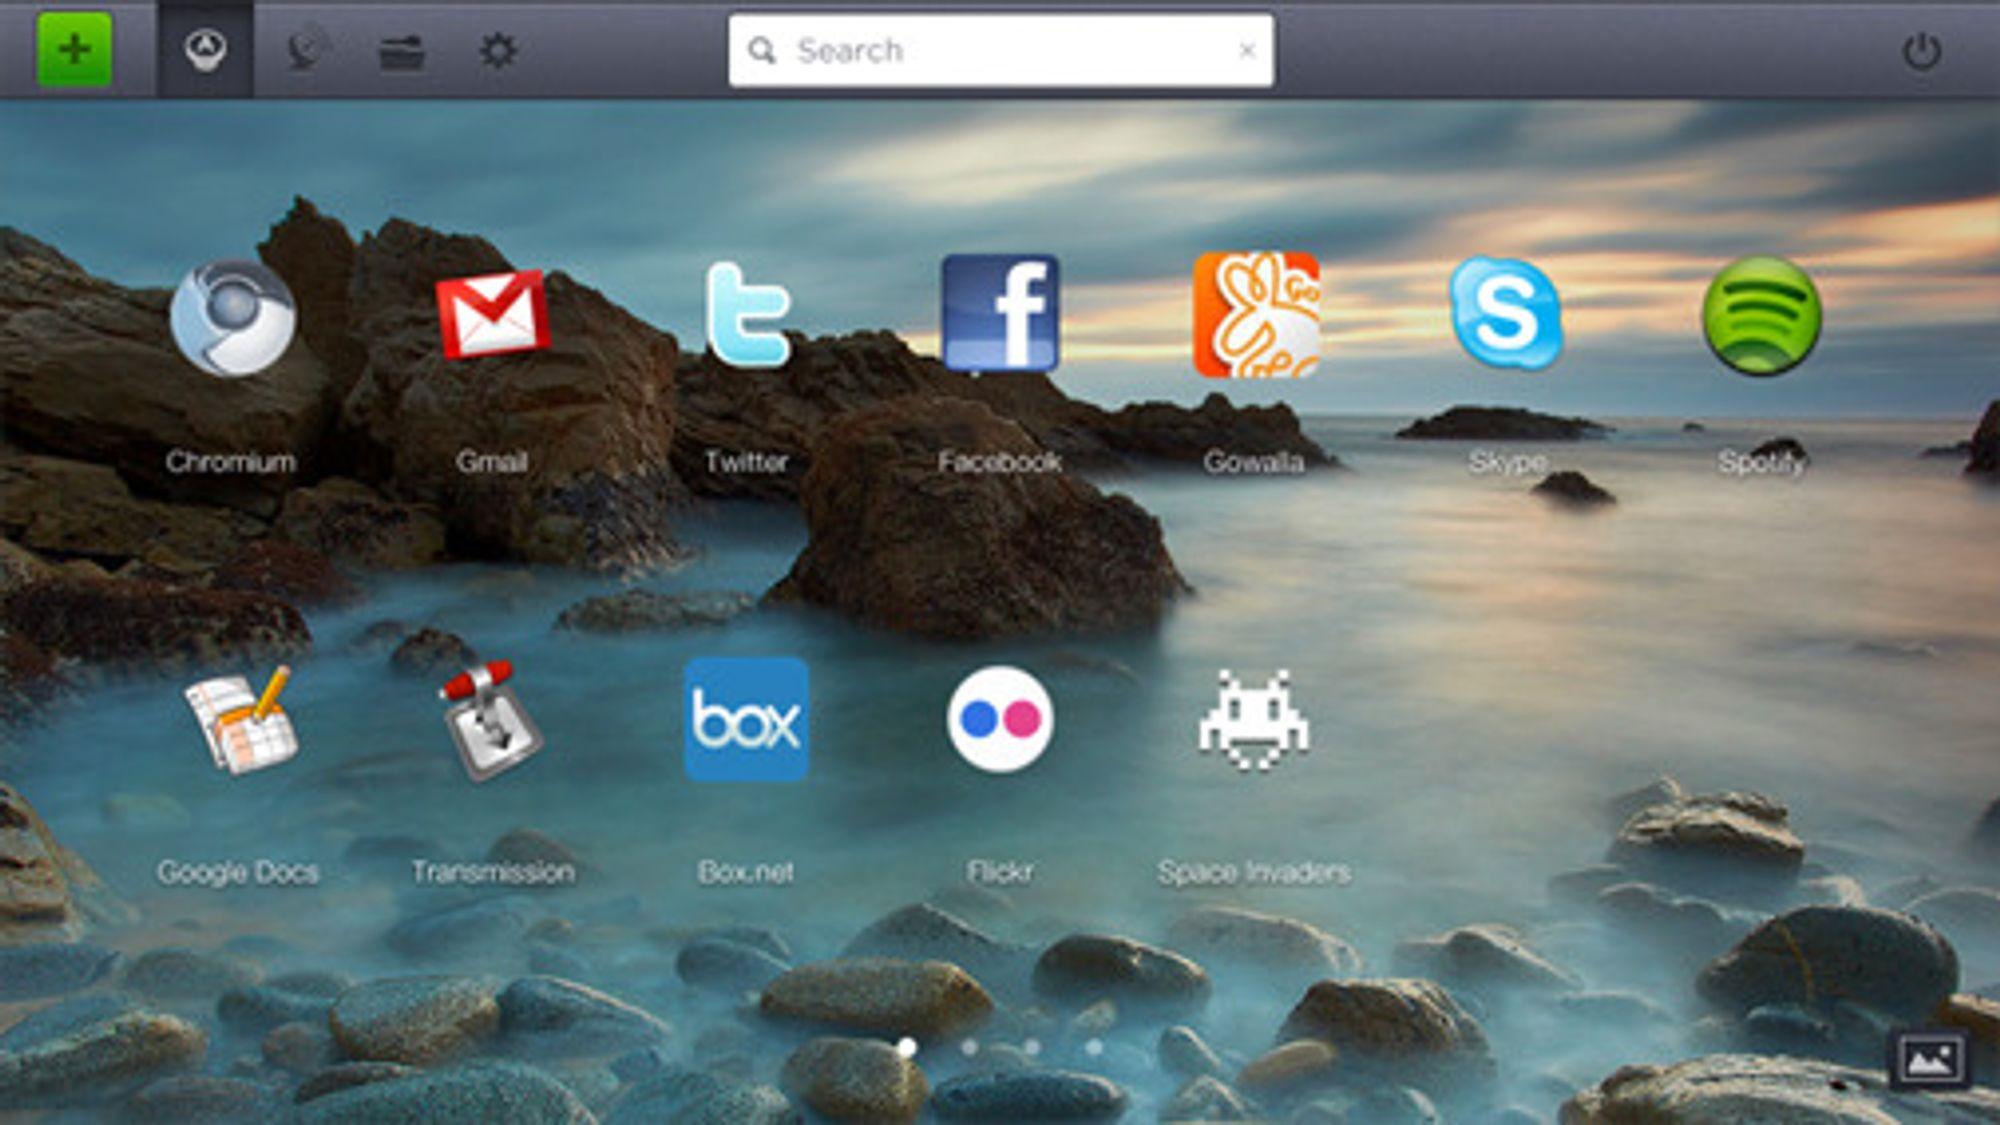 Operativsystemet Jolicloud 1.1 bygger på Ubuntu og gir enkel tilgang til et bredt tilbud av applikasjoner, samt verktøy for å mestre sosiale nettjenester.